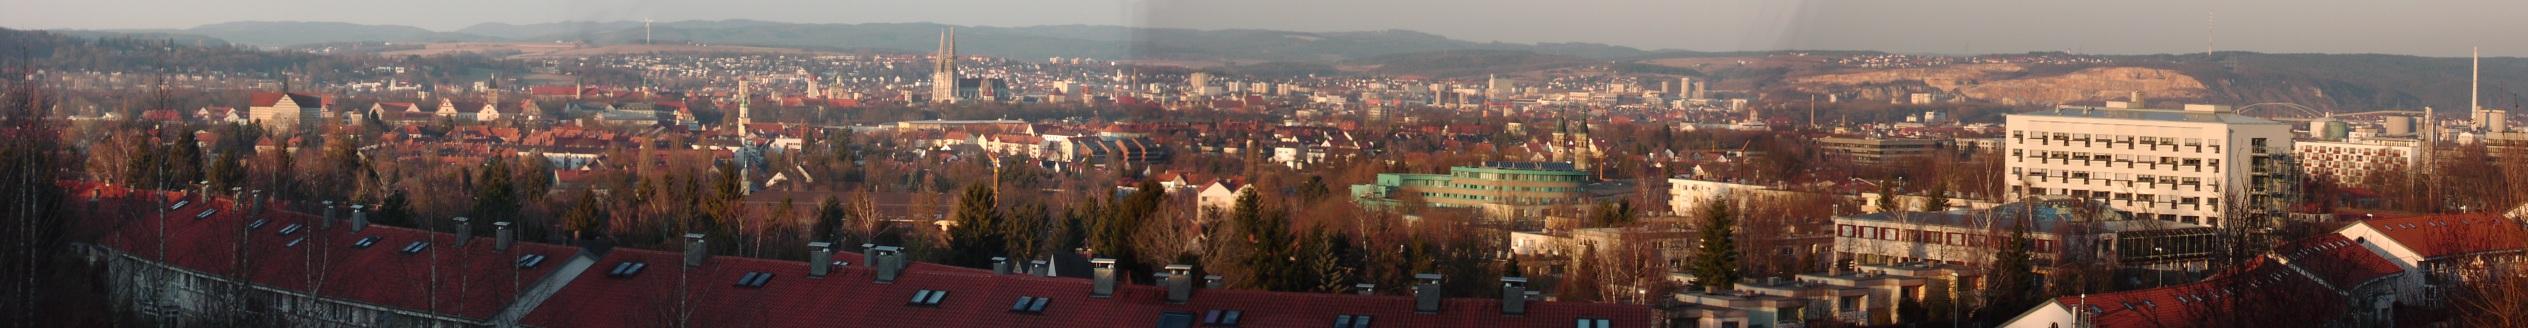 Panorama Regensburg (c) Wikimedia.org